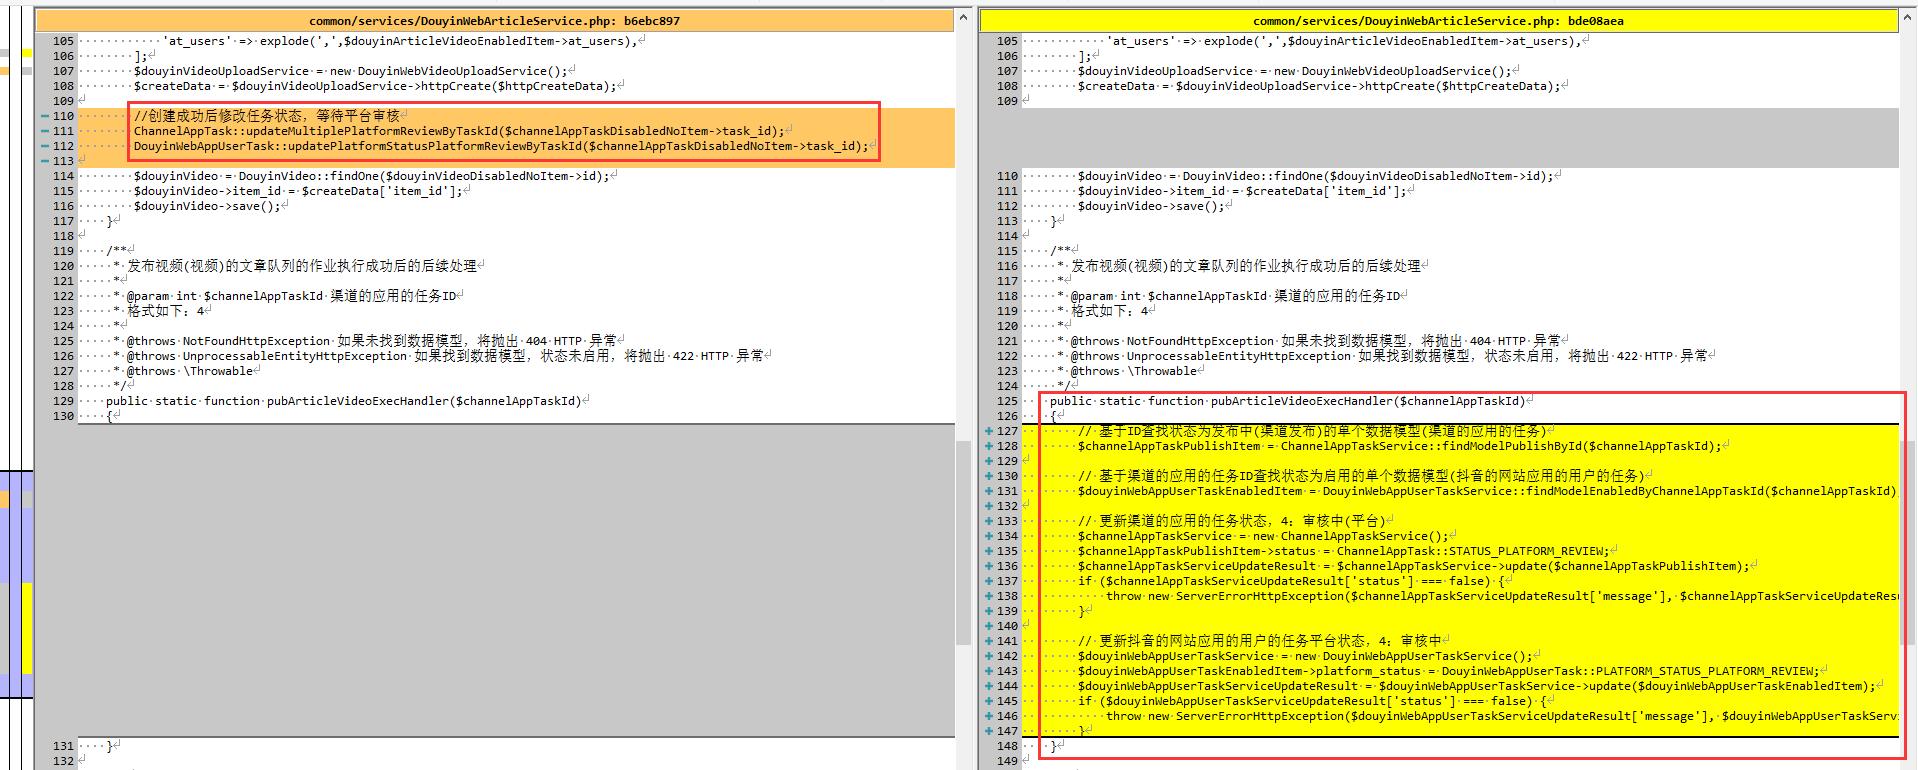 最后决定分析任务ID:40 下的其他渠道的应用的任务ID:160、161。当渠道的应用的任务ID:160上传视频成功后,执行创建视频的操作。在此操作中,竟然更新为 4 时,基于任务ID,而不是基于渠道的应用的任务ID。